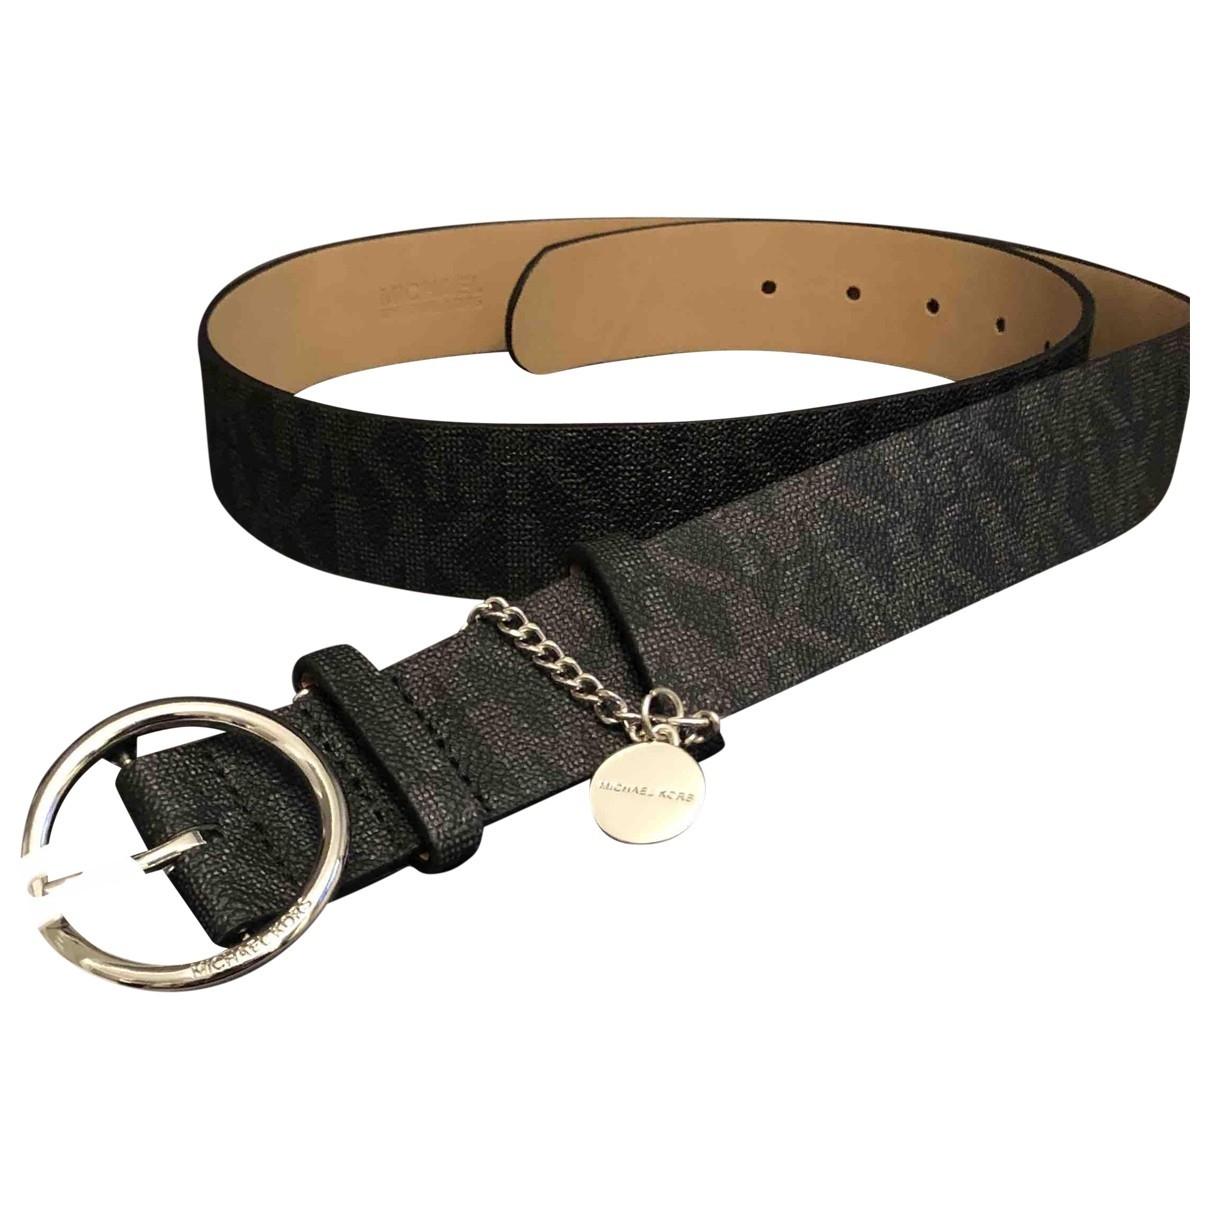 Michael Kors \N Black belt for Women M International